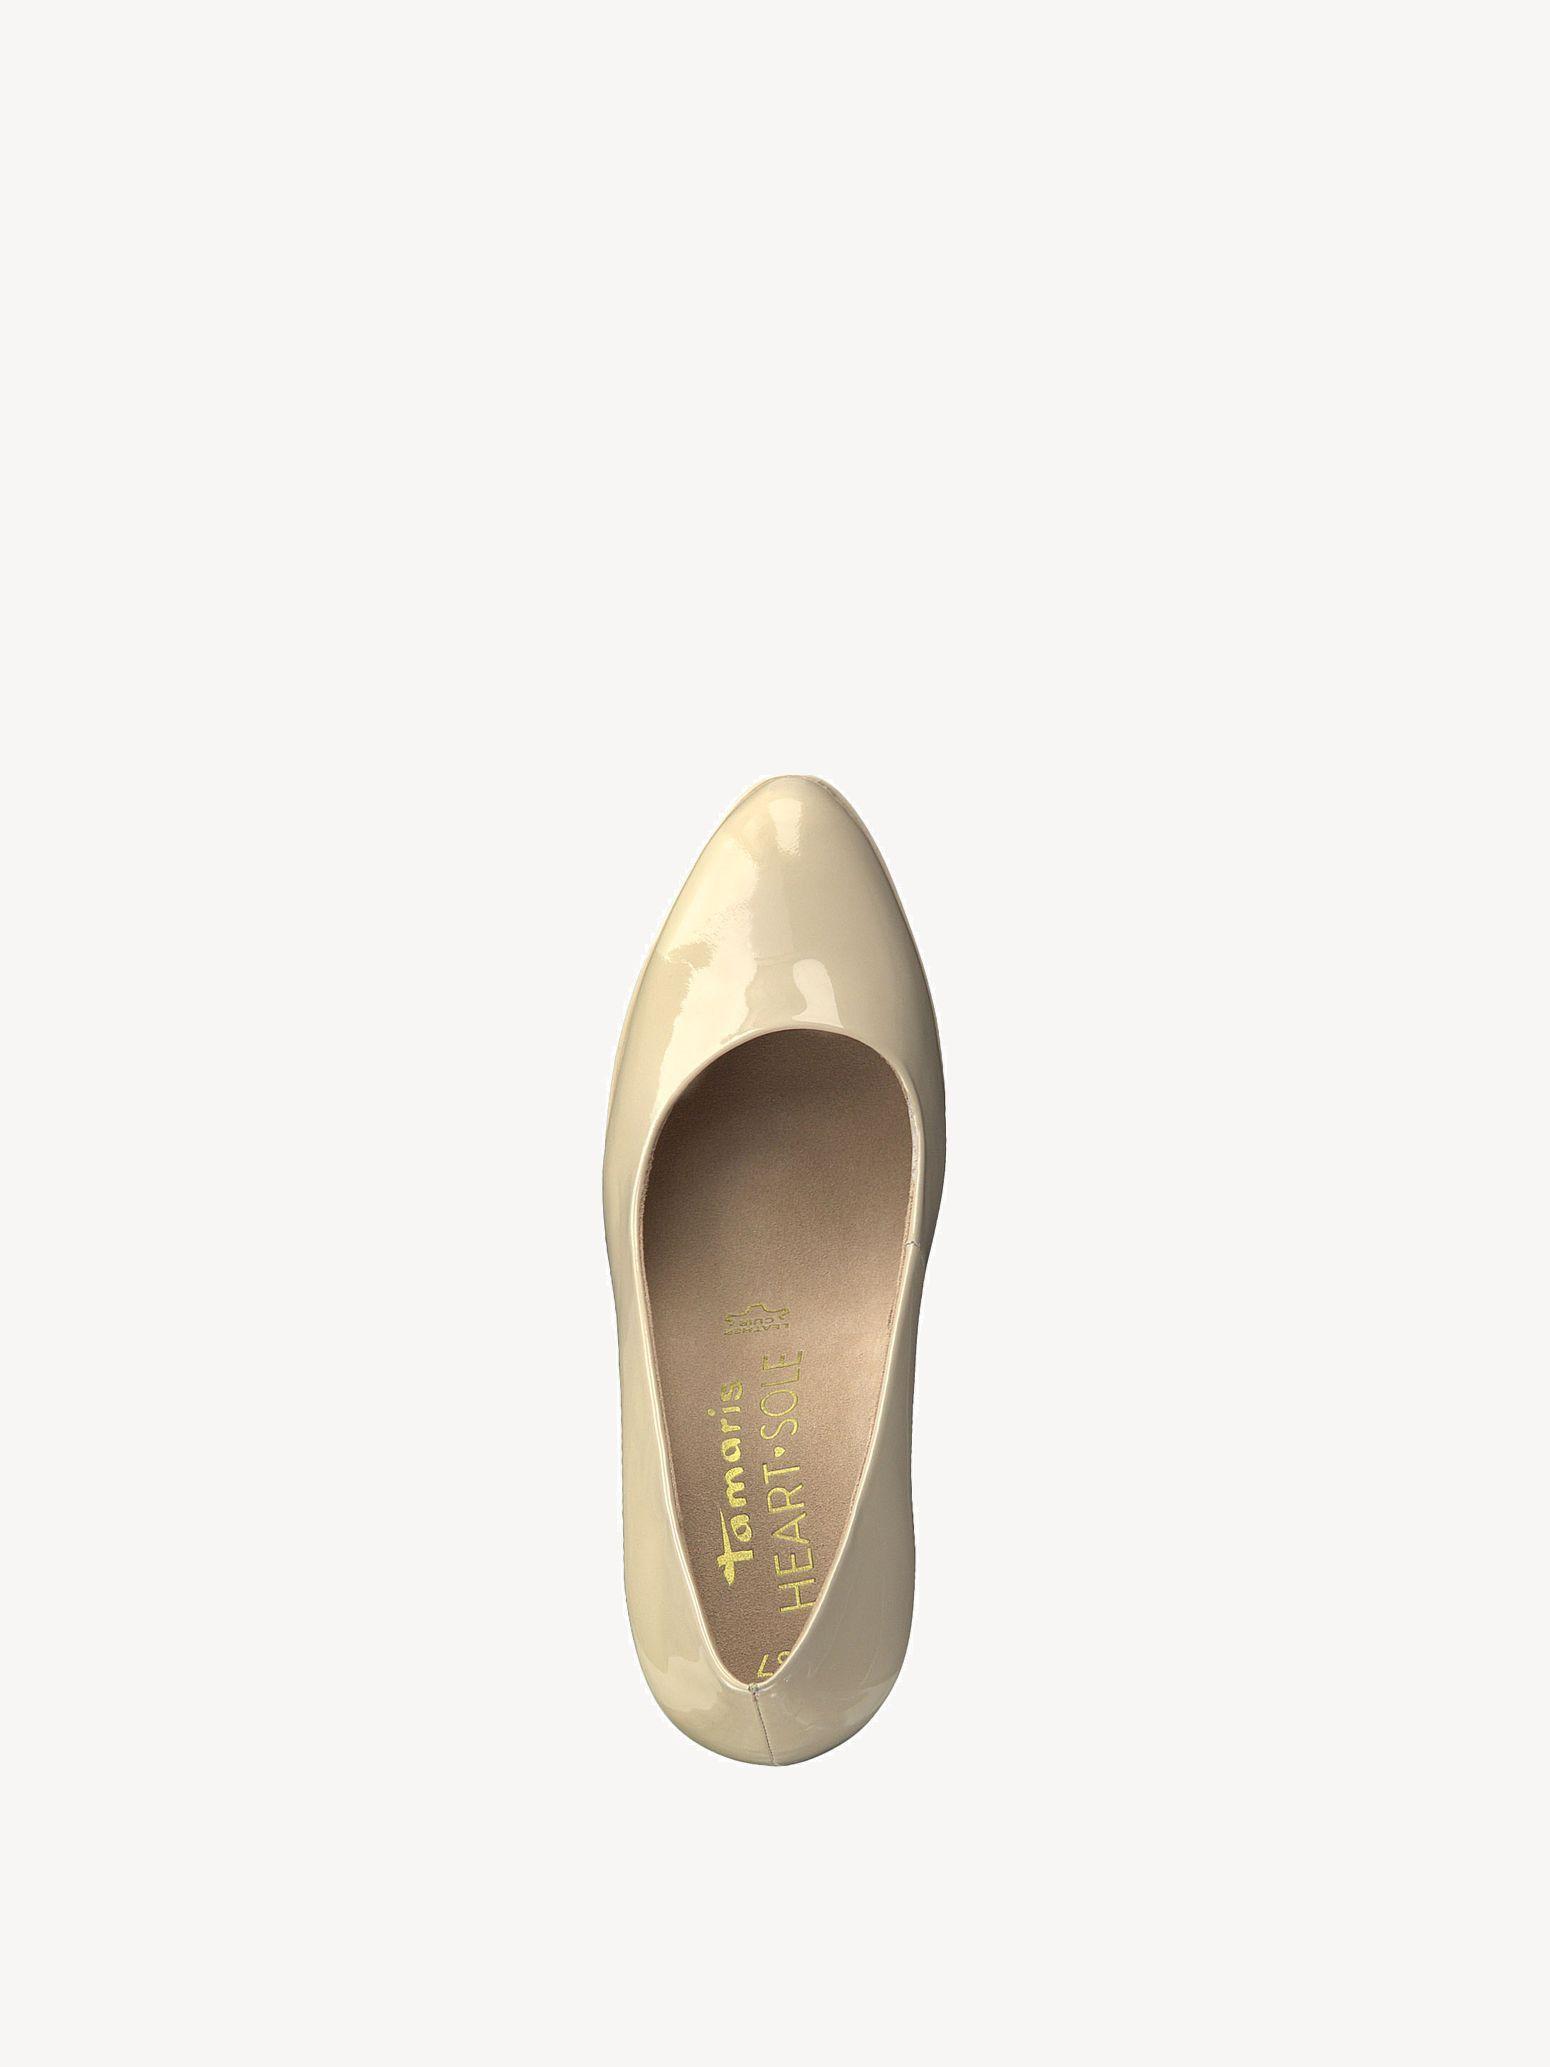 Tamaris Heart Sole Pumps 38 nude beige